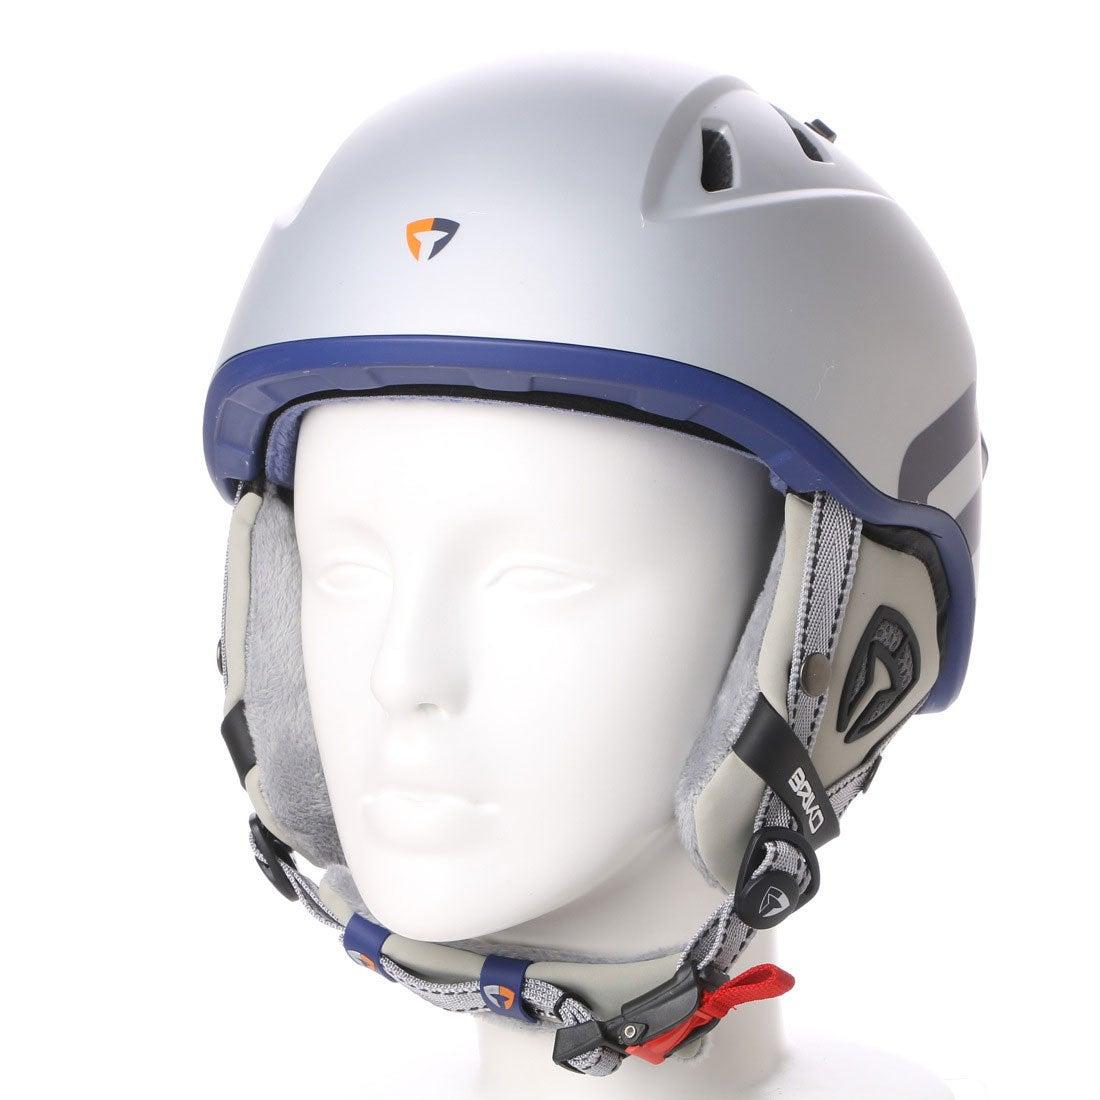 【SALE 10%OFF】ブリコ BRIKO ユニセックス スキー/スノーボード ヘルメット BRIKO SHJ009 AMAK JP SHJ009 132 (シルバー)